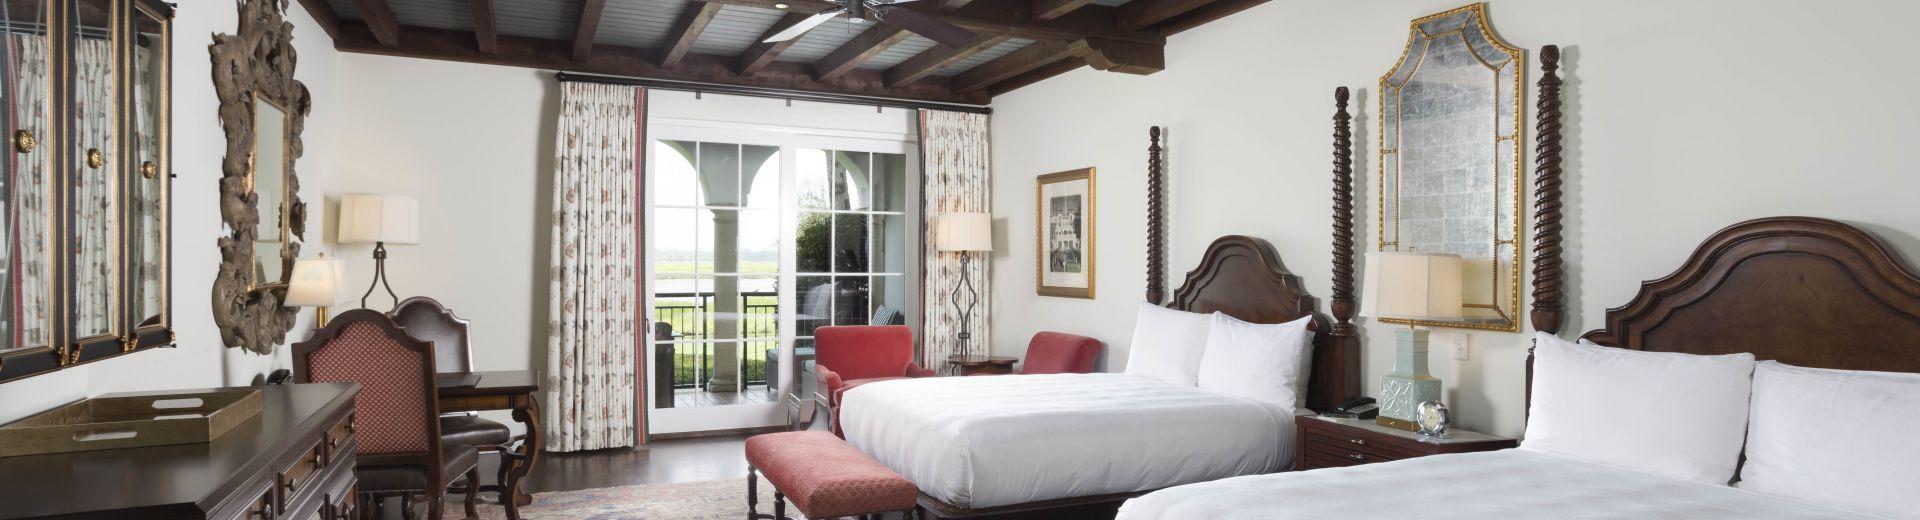 Luxurious Double Queen Room